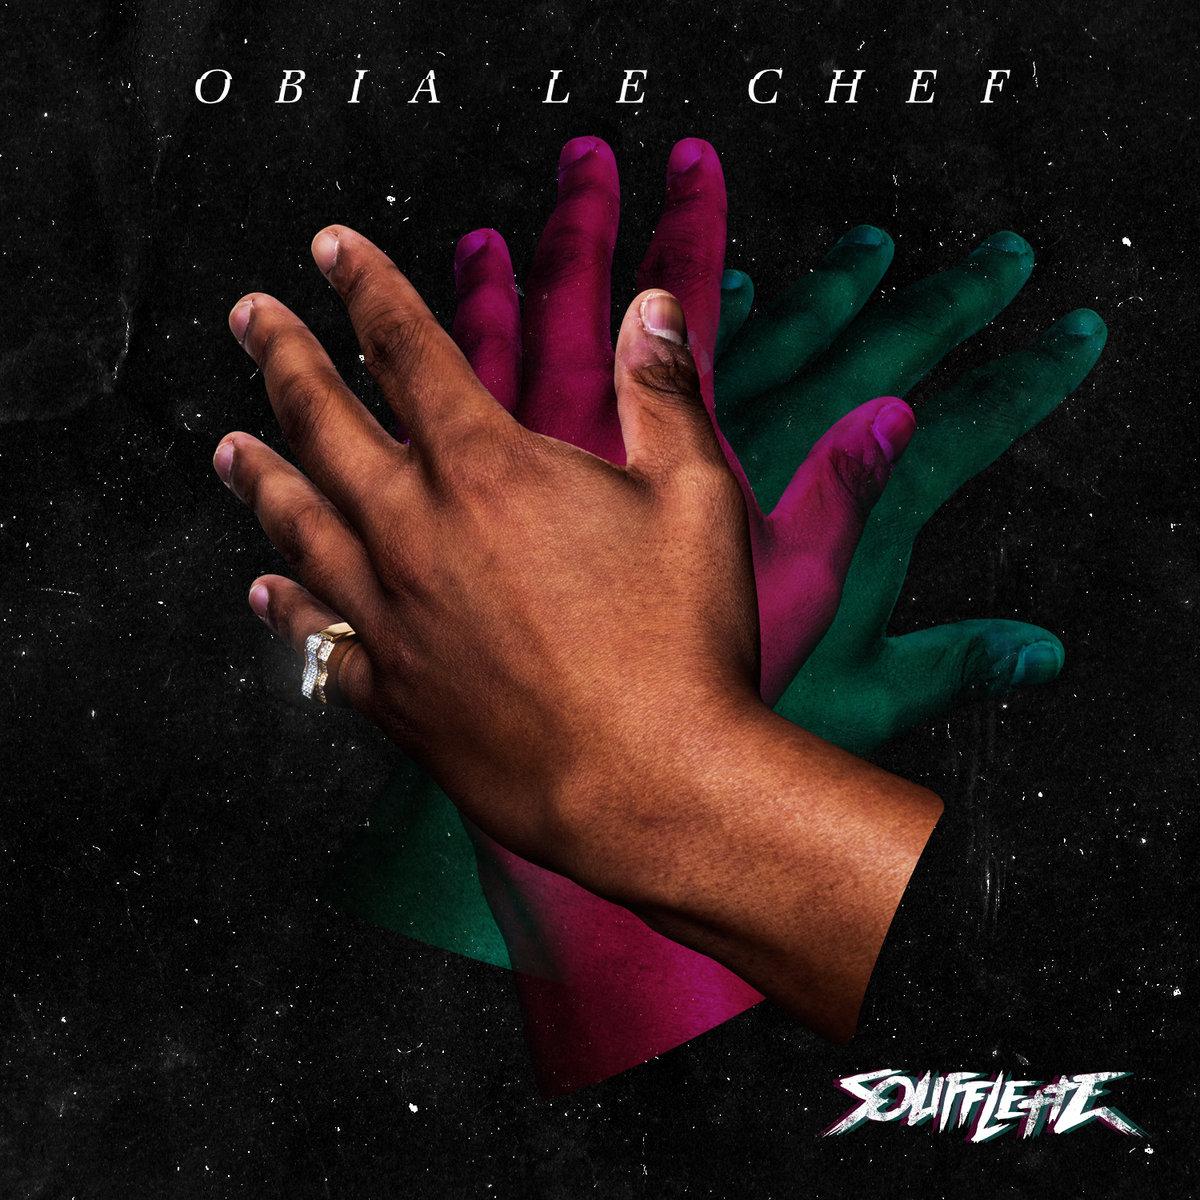 Chronique : Obia Le Chef «Soufflette»